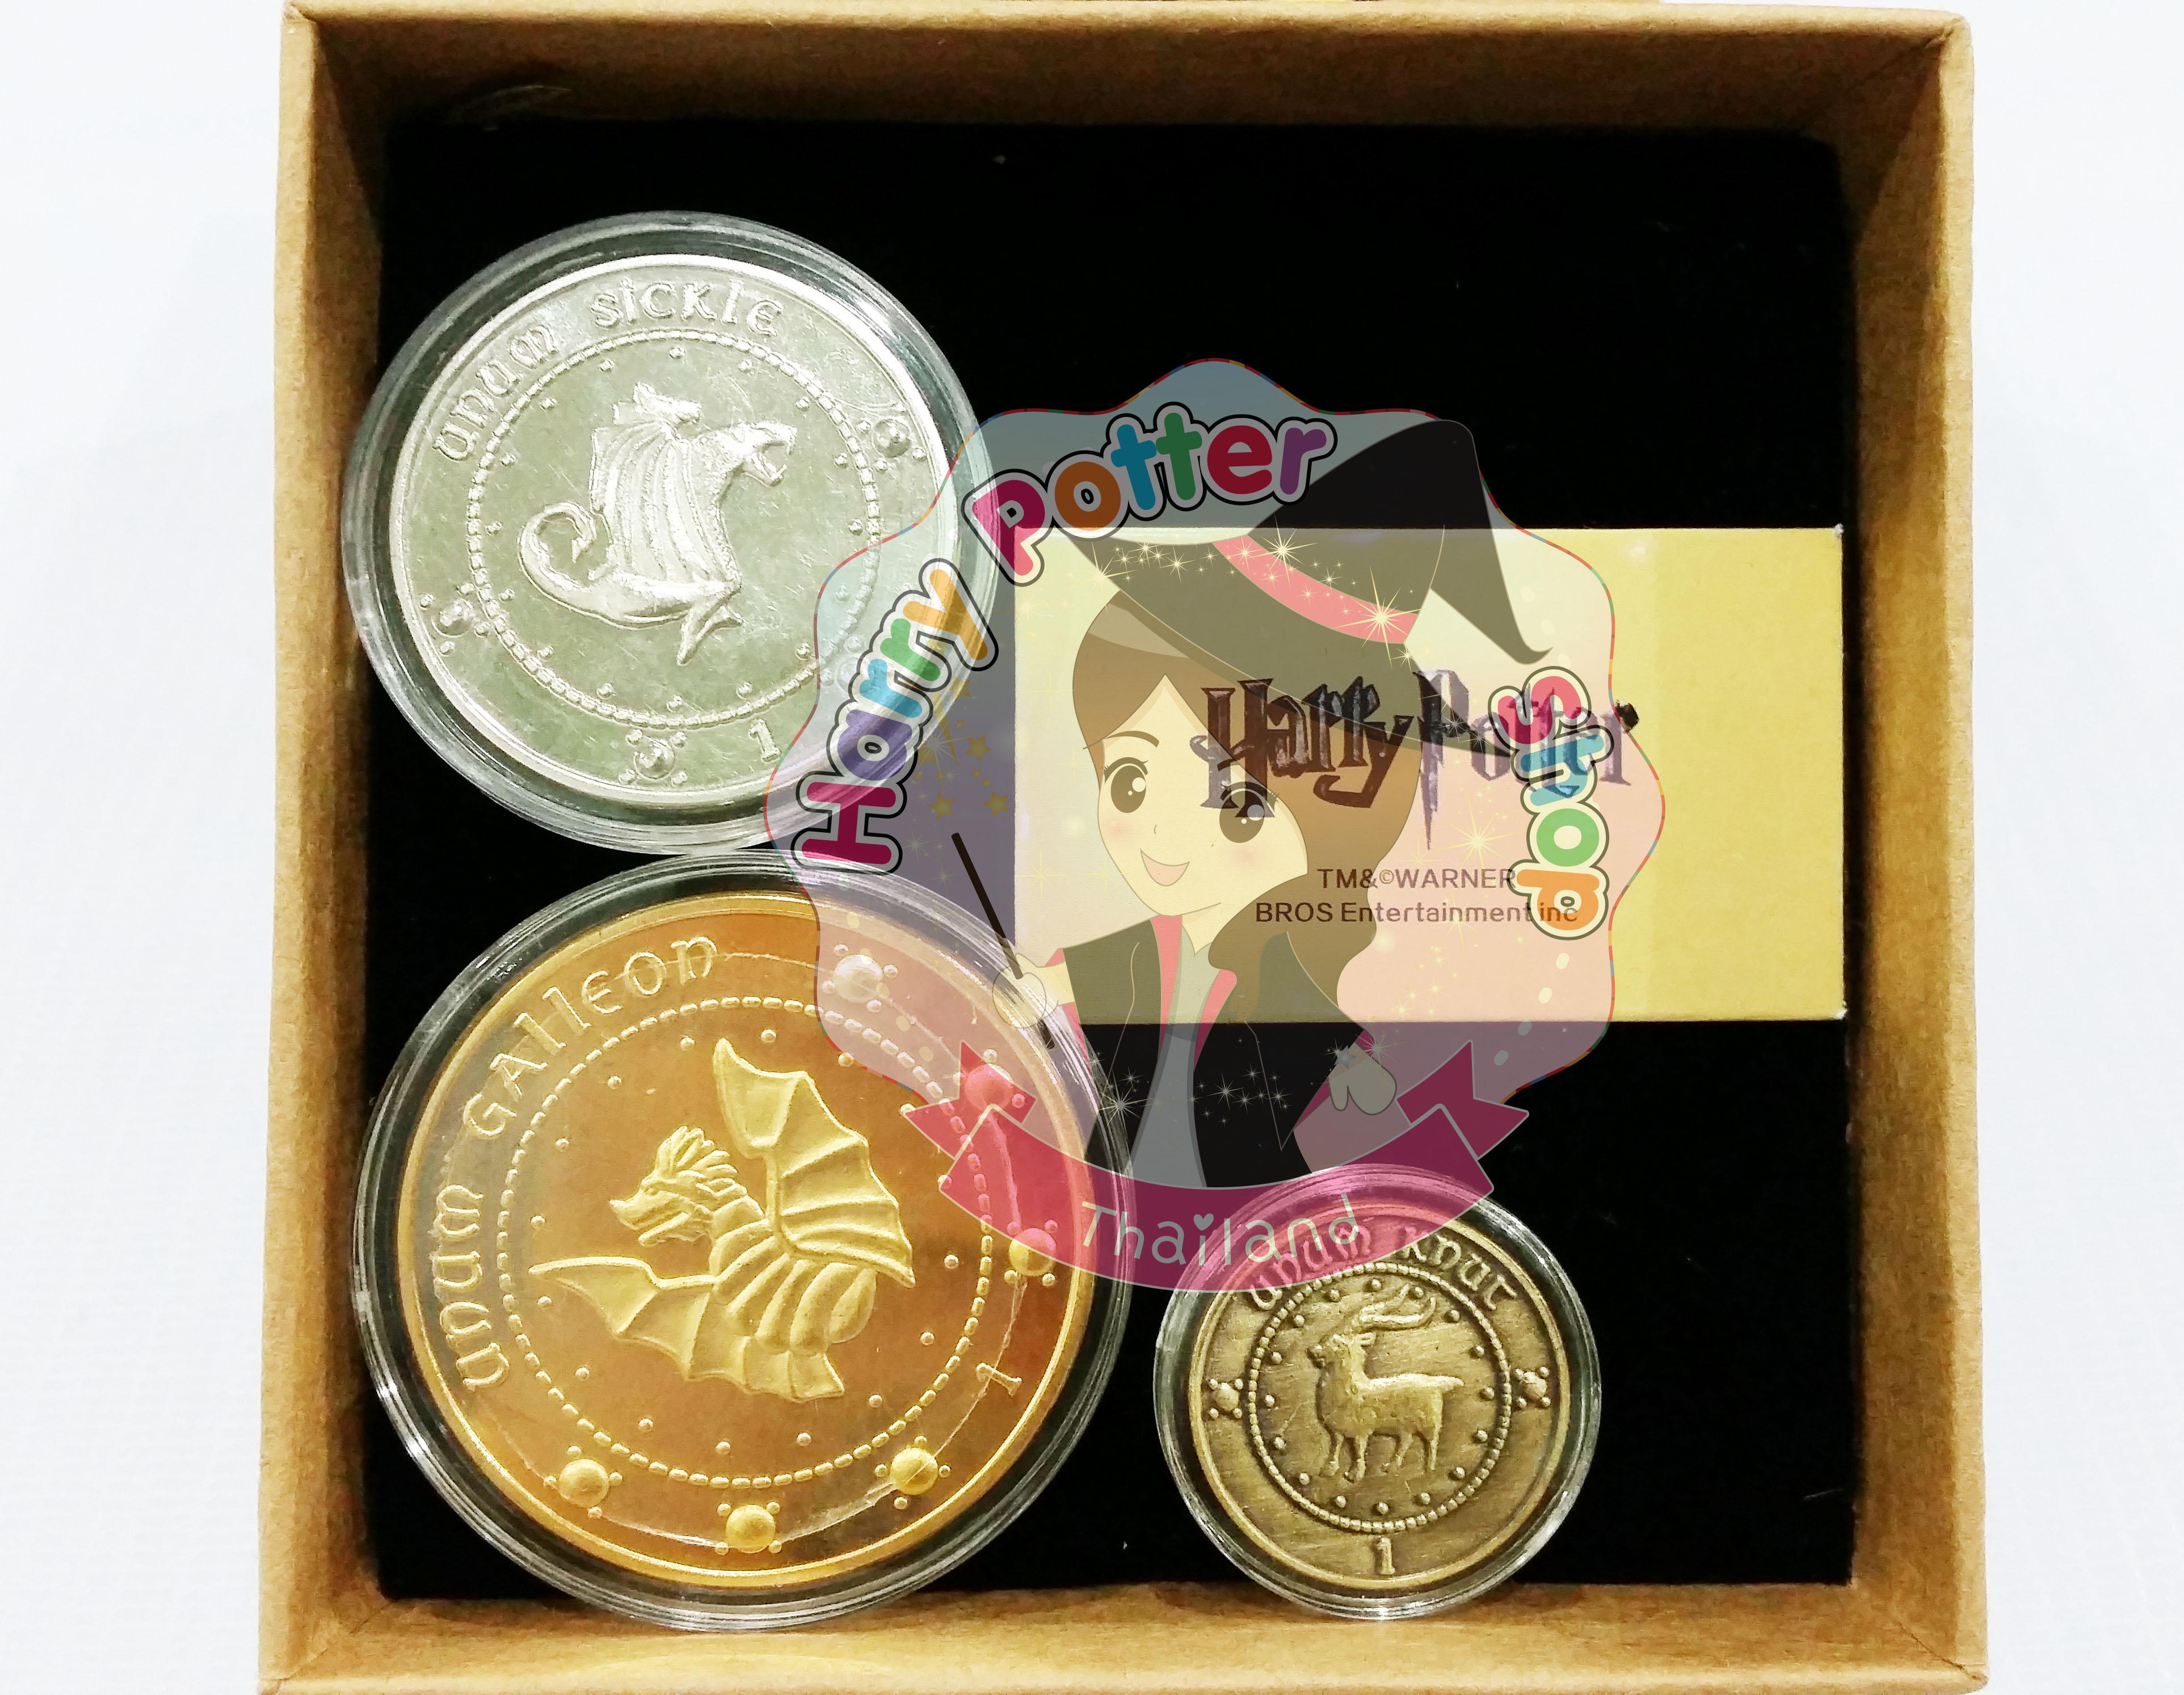 เซตเหรียญกริงกอตส์ พร้อมกล่องกระดาษ